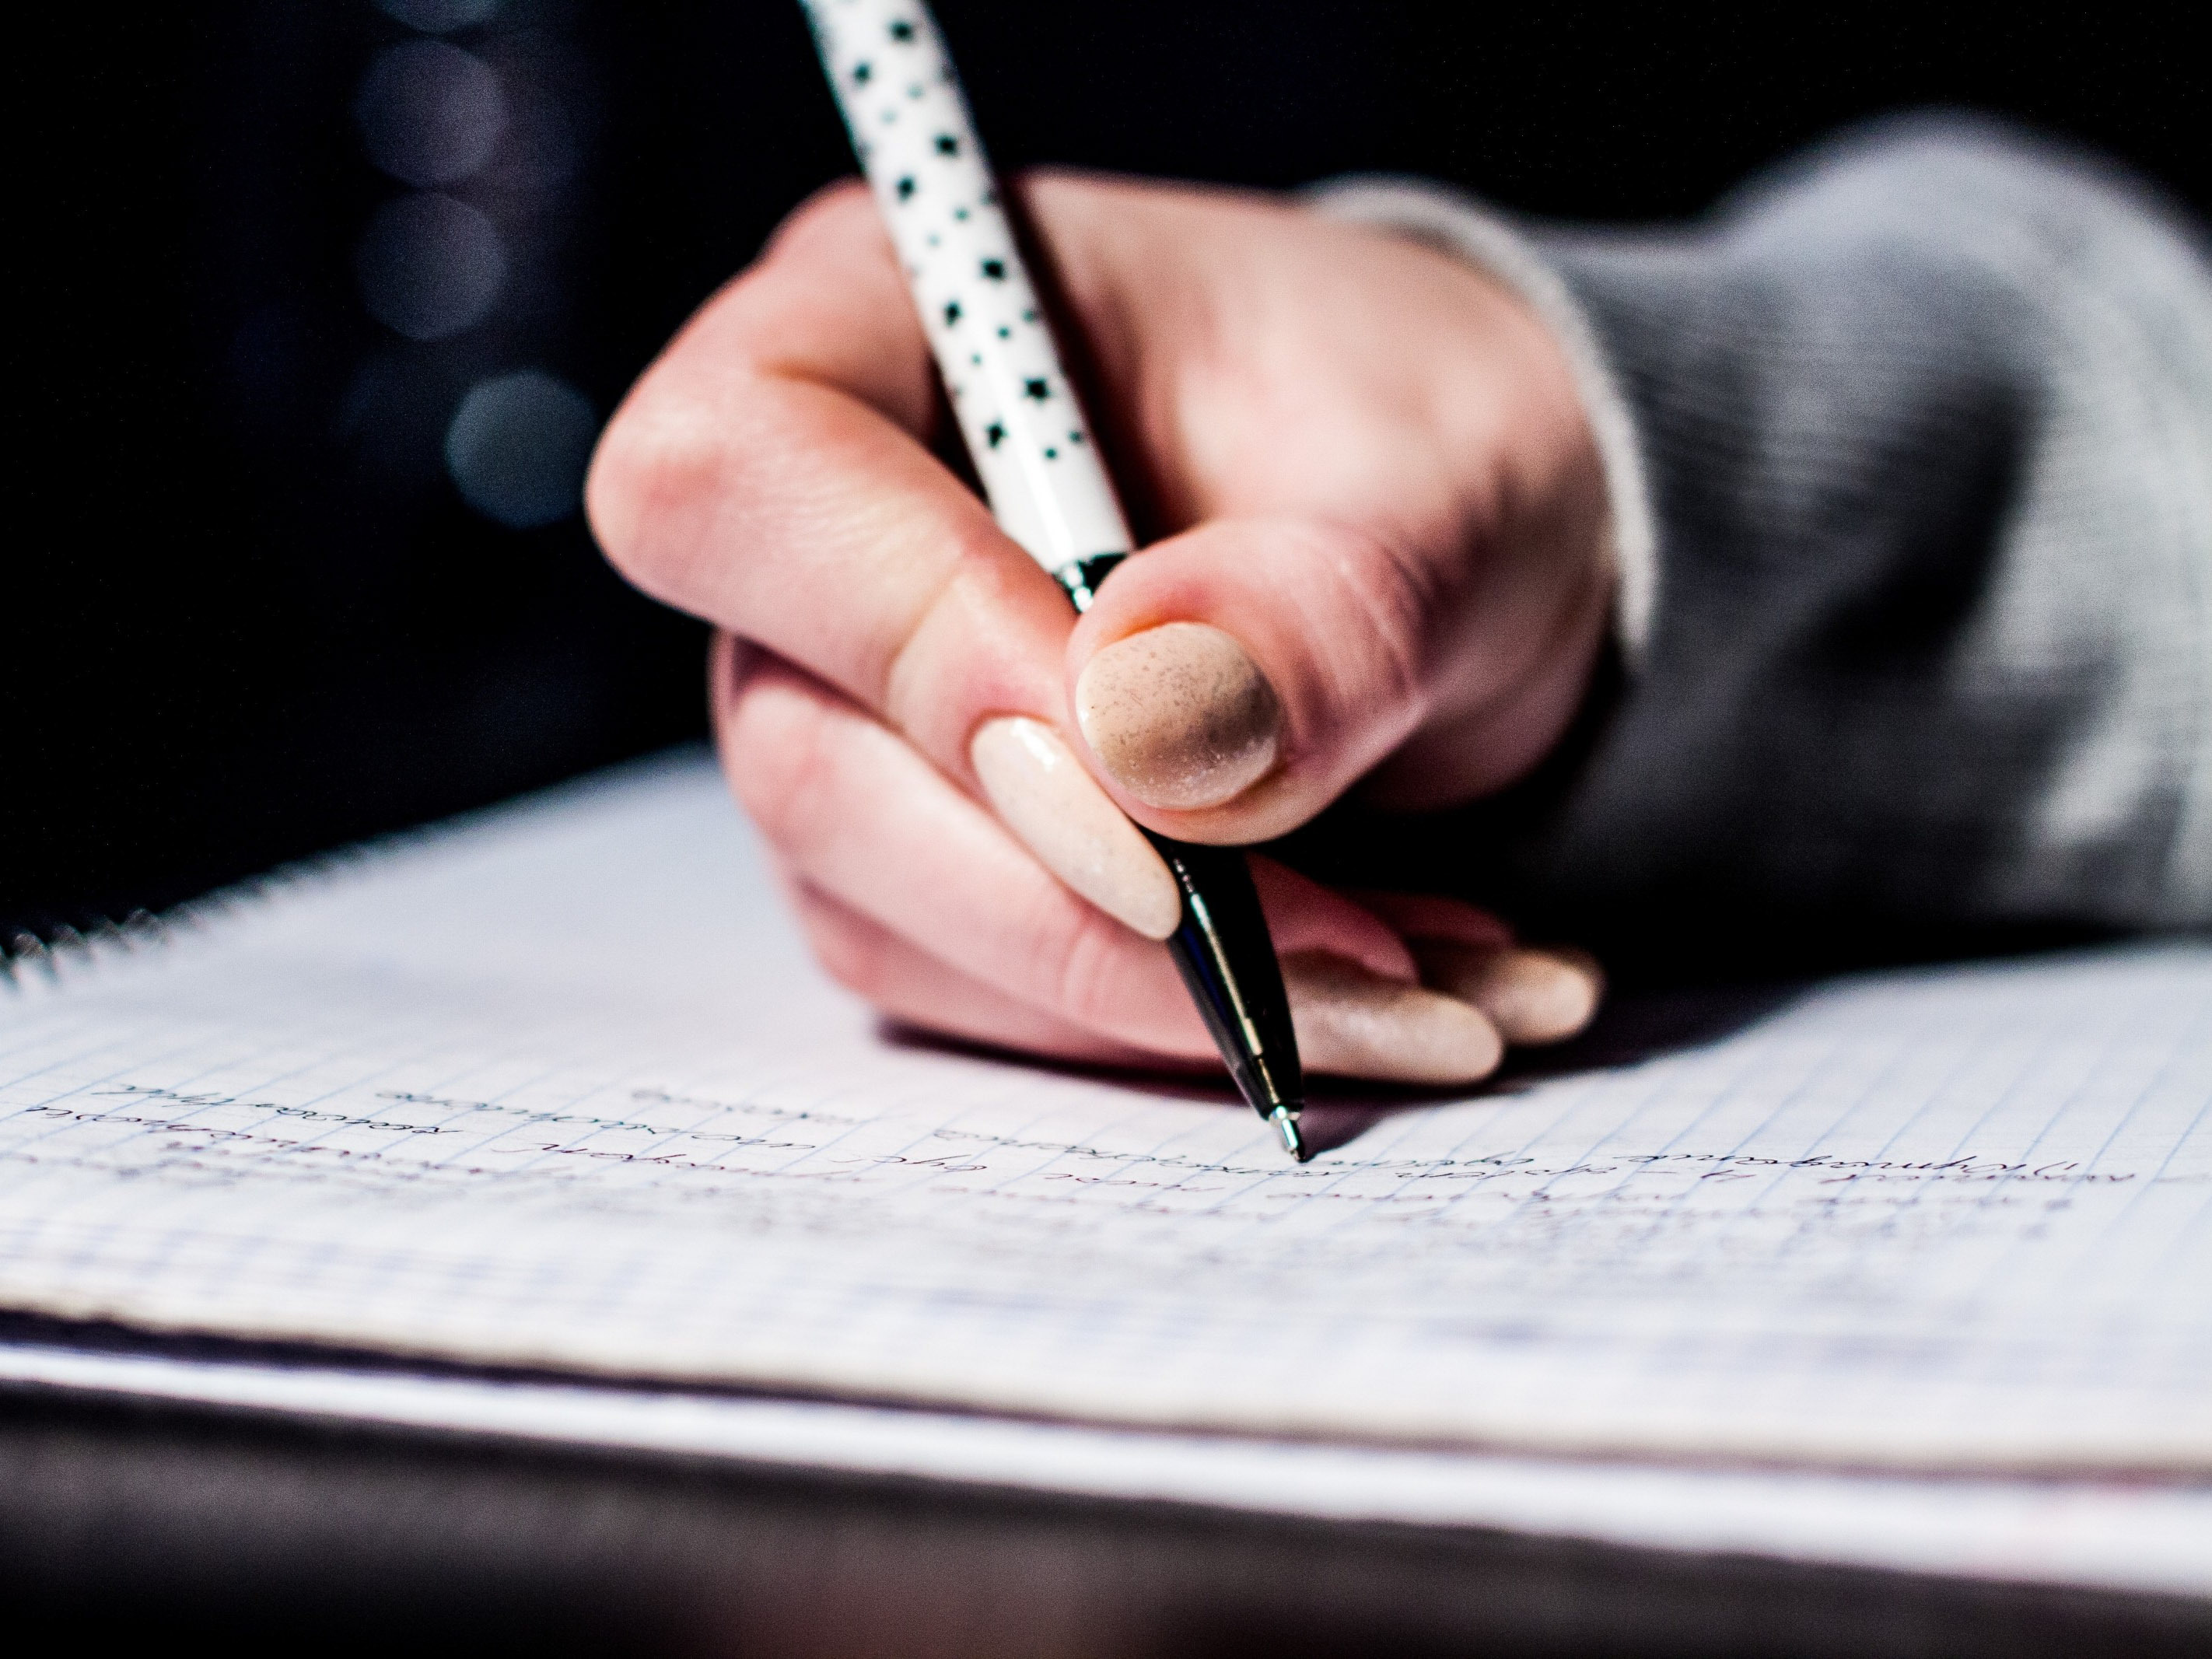 社群經營必備》掌握3要領,寫出優質好文章!